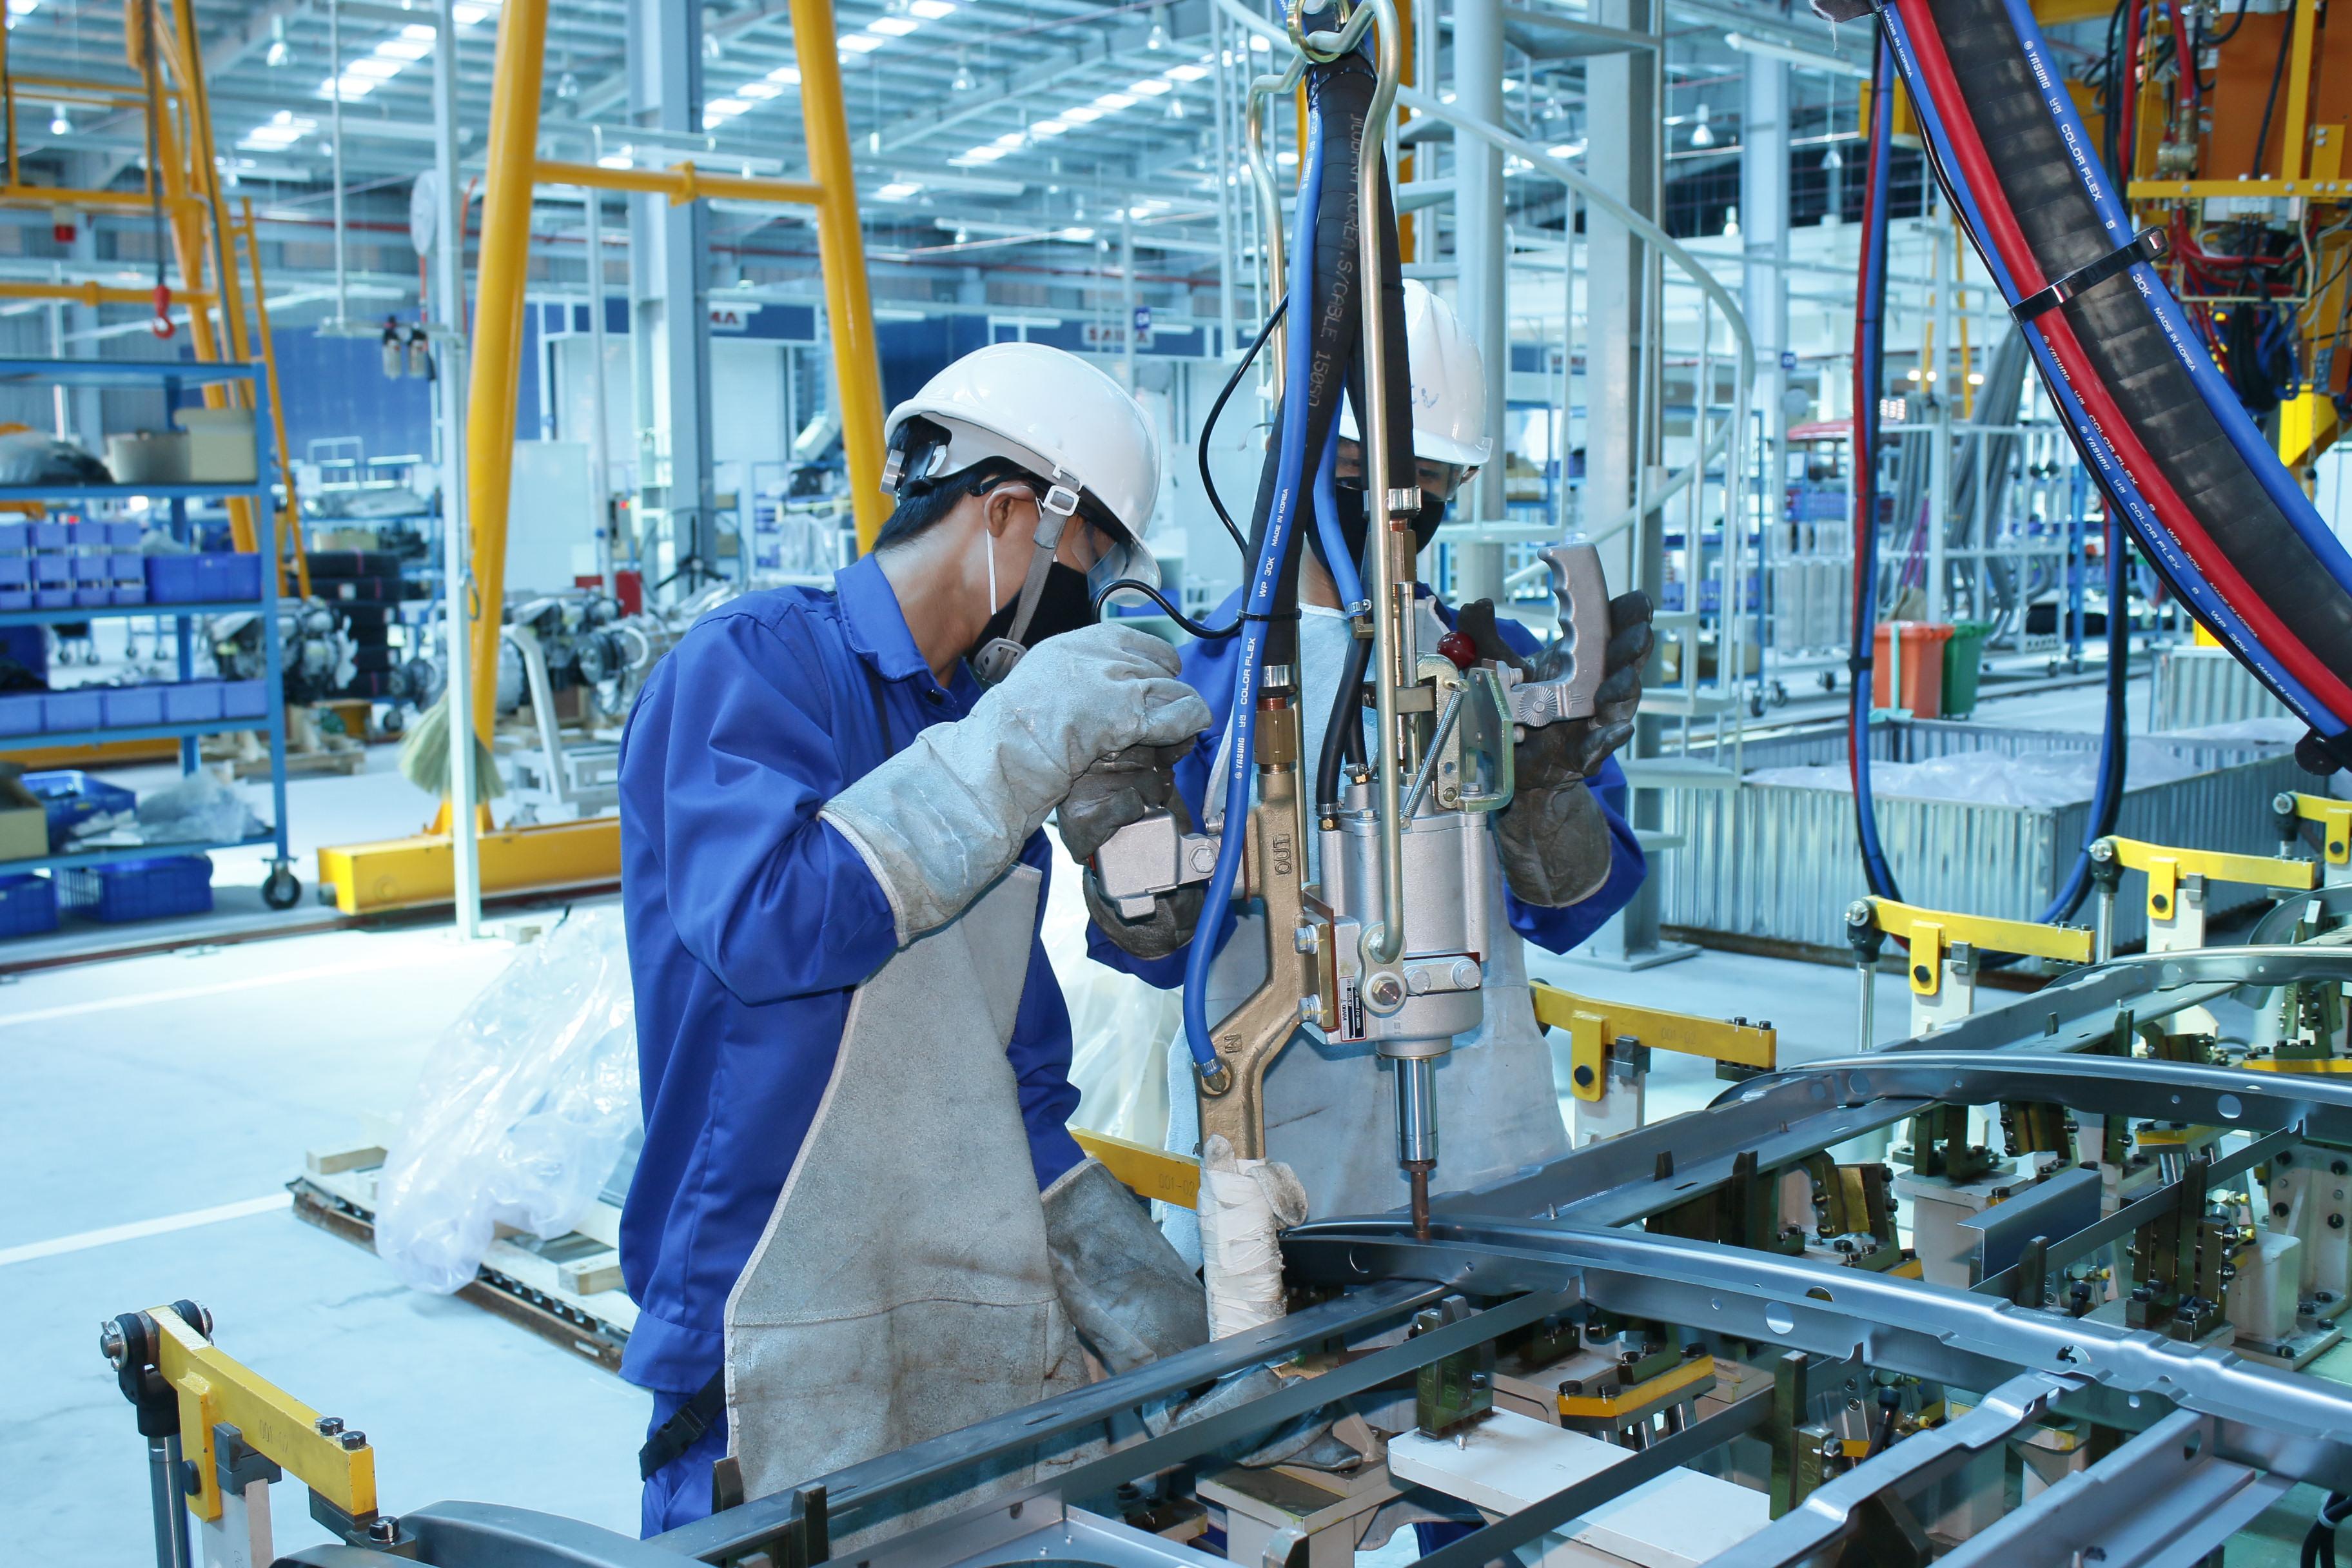 Ngành công nghiệp nặng chủ lực trong doanh nghiệp hiện nay - TopViec